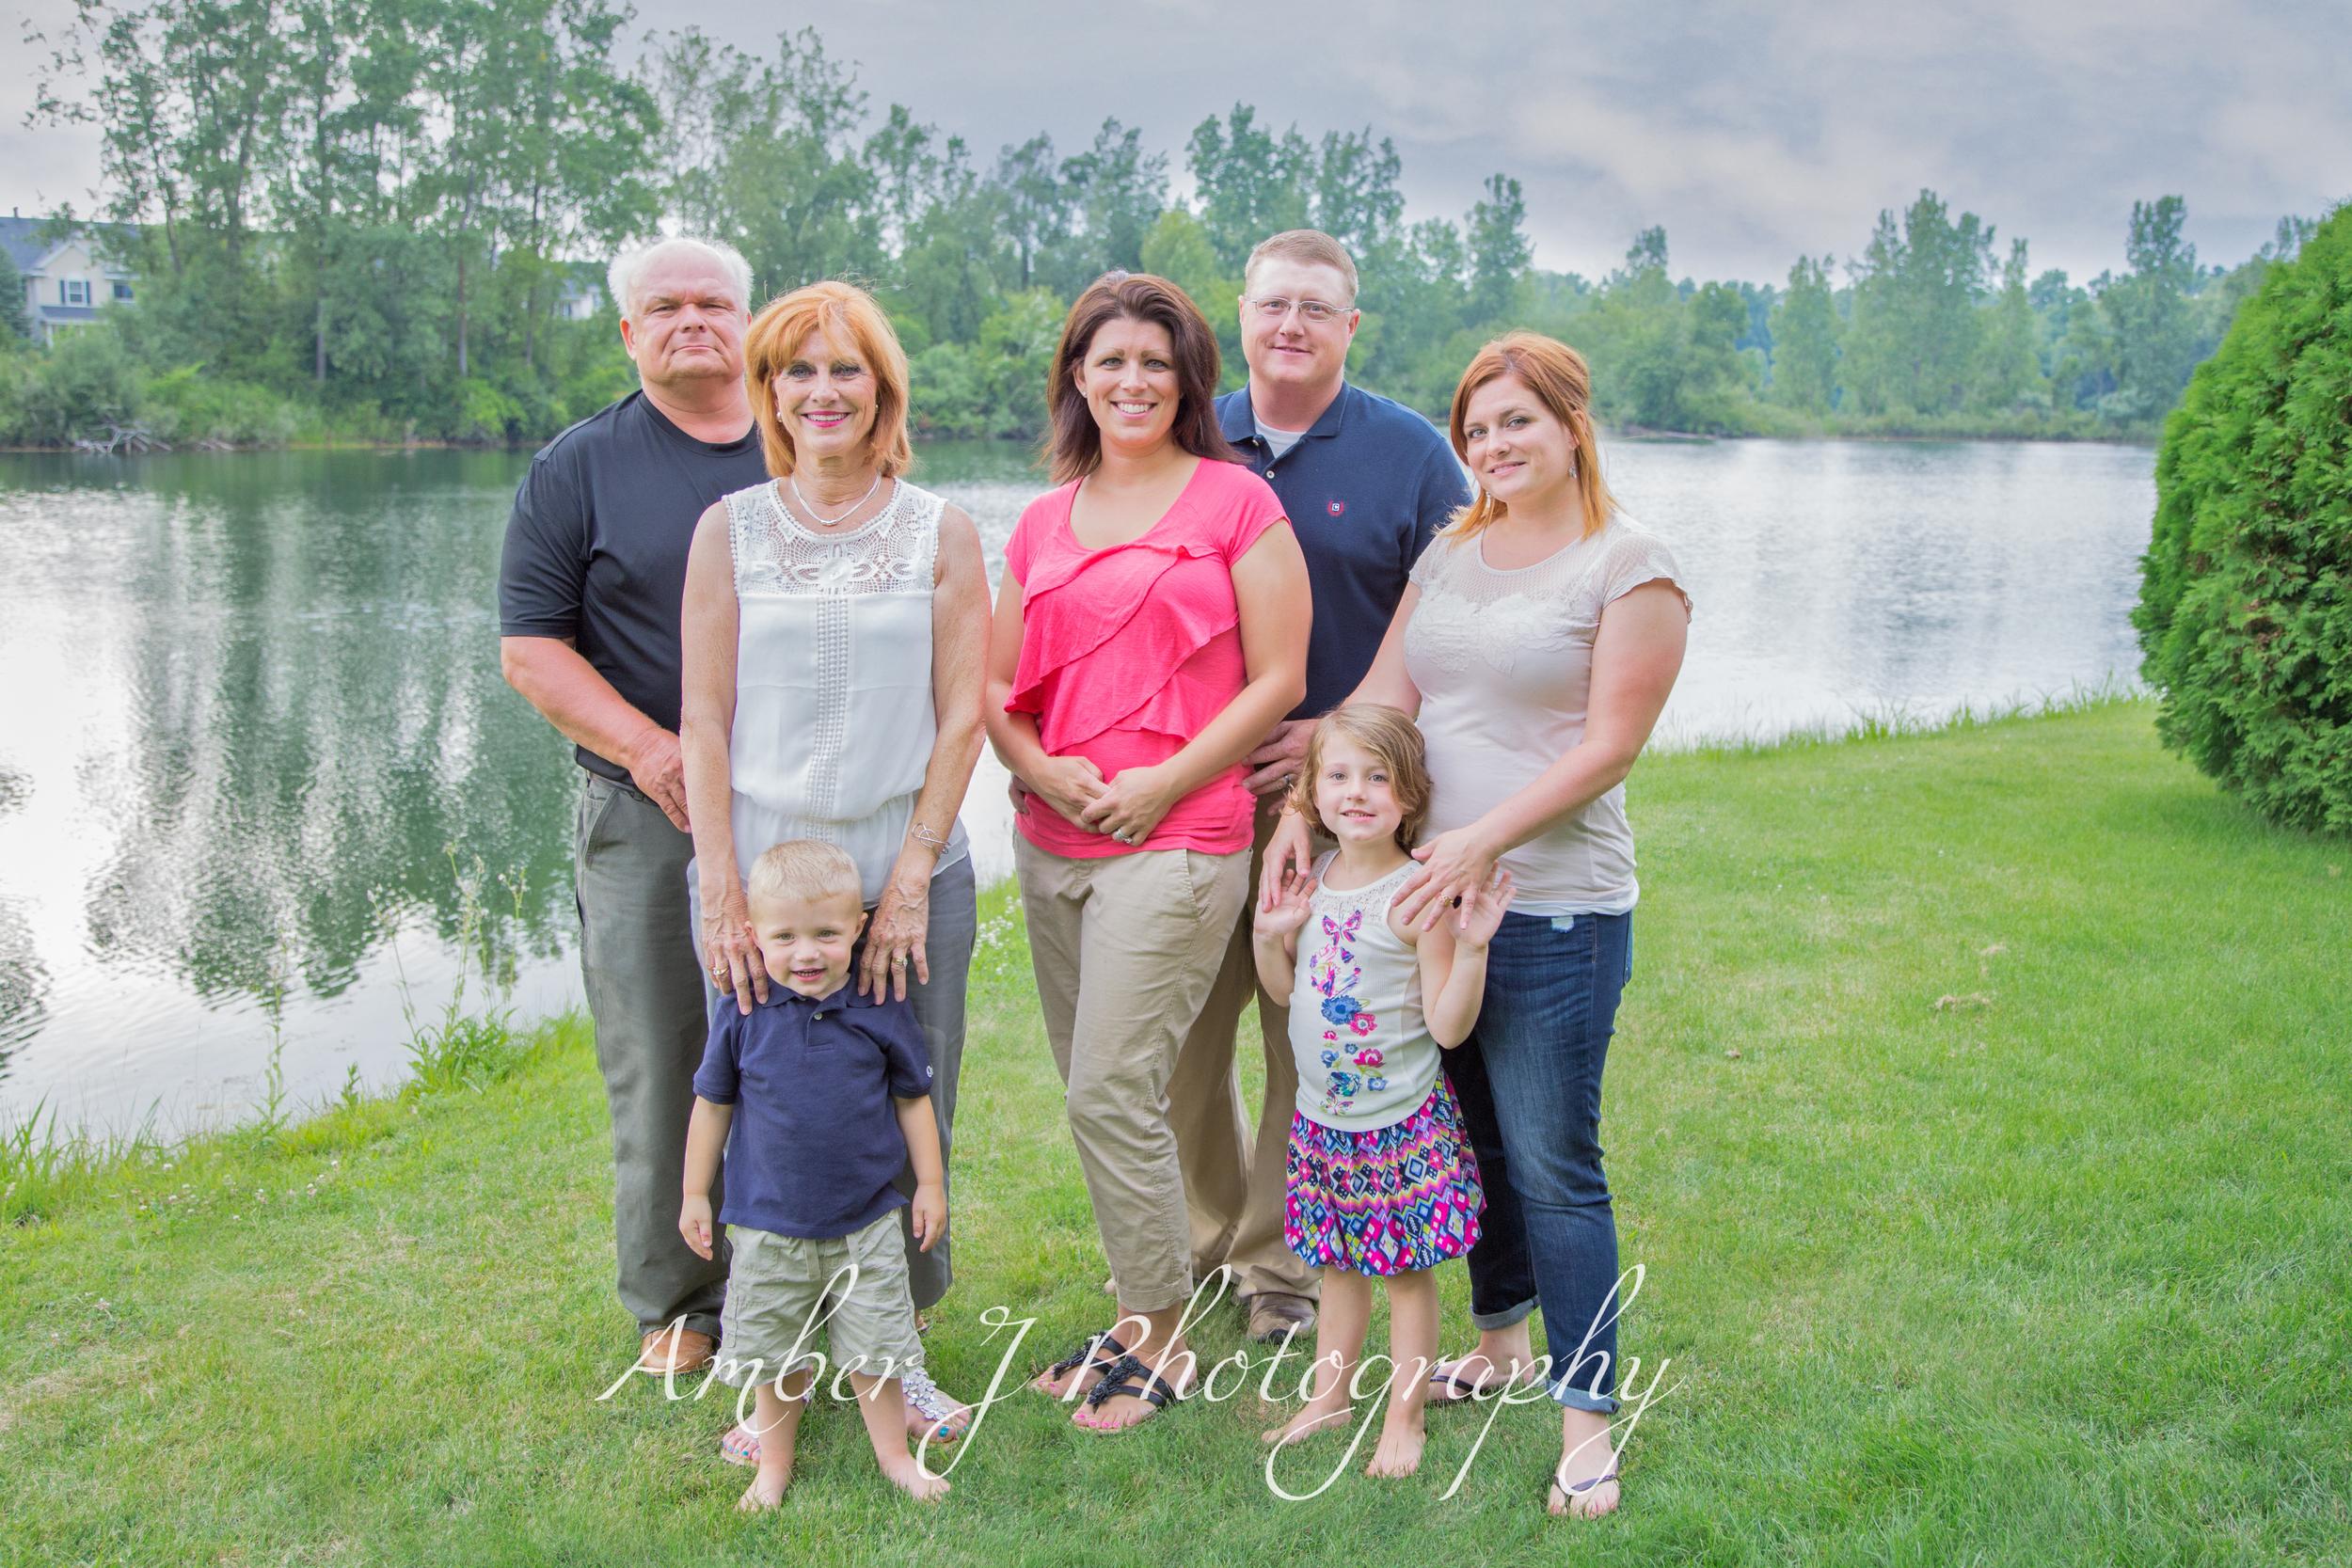 Burrfamily_amberjphotographyblog_17.jpg